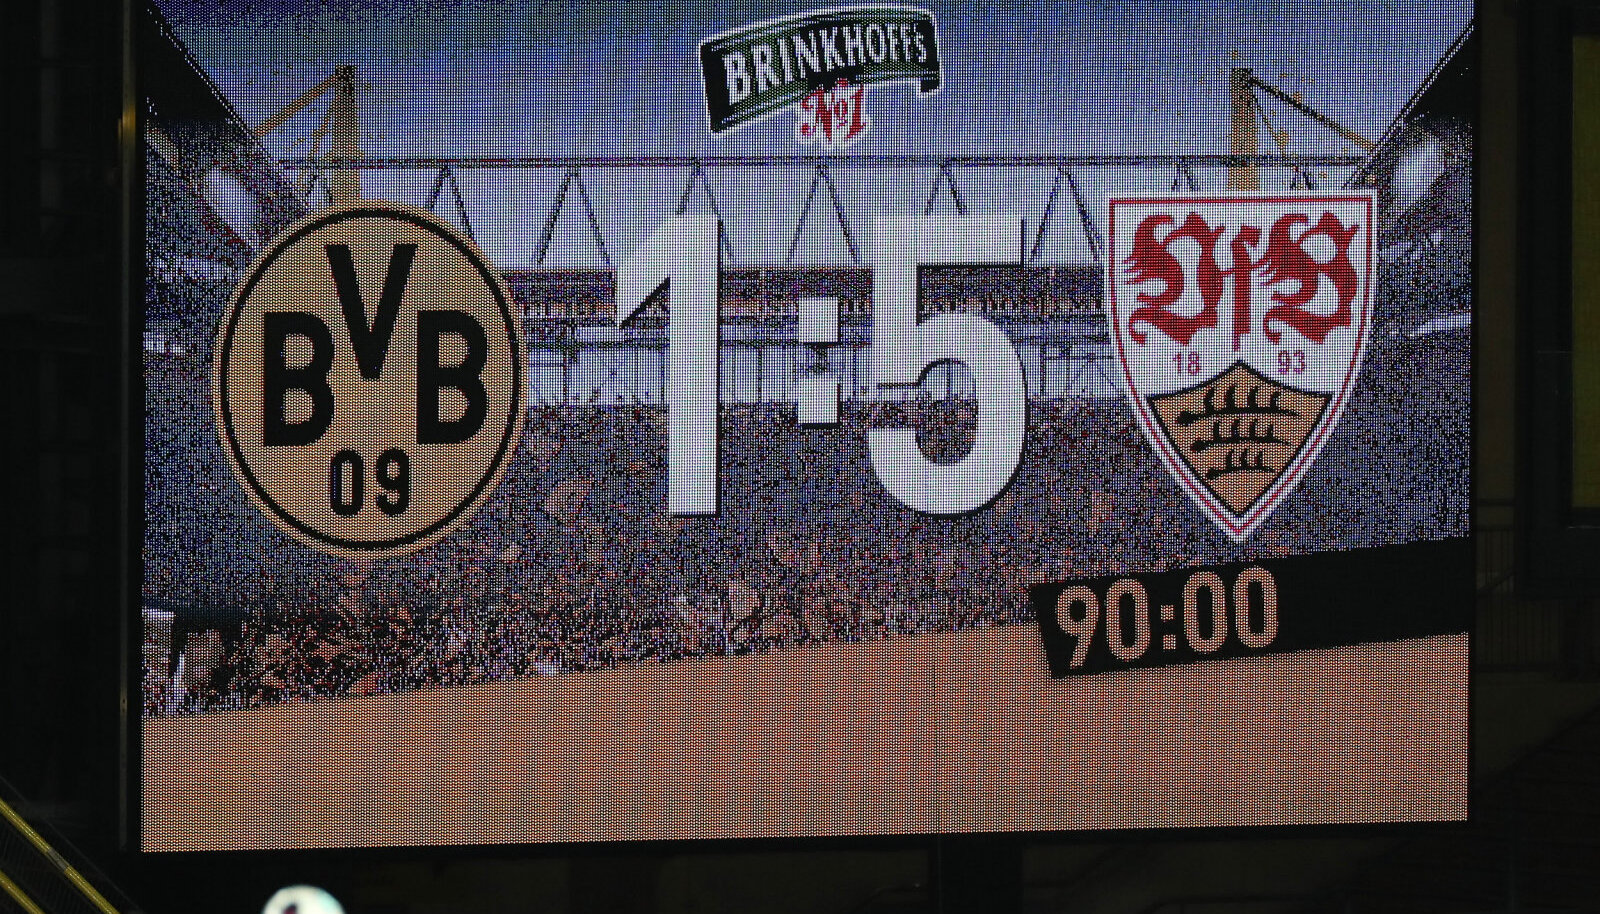 Dortmundi staadioni tabloo lõpuvile järel.